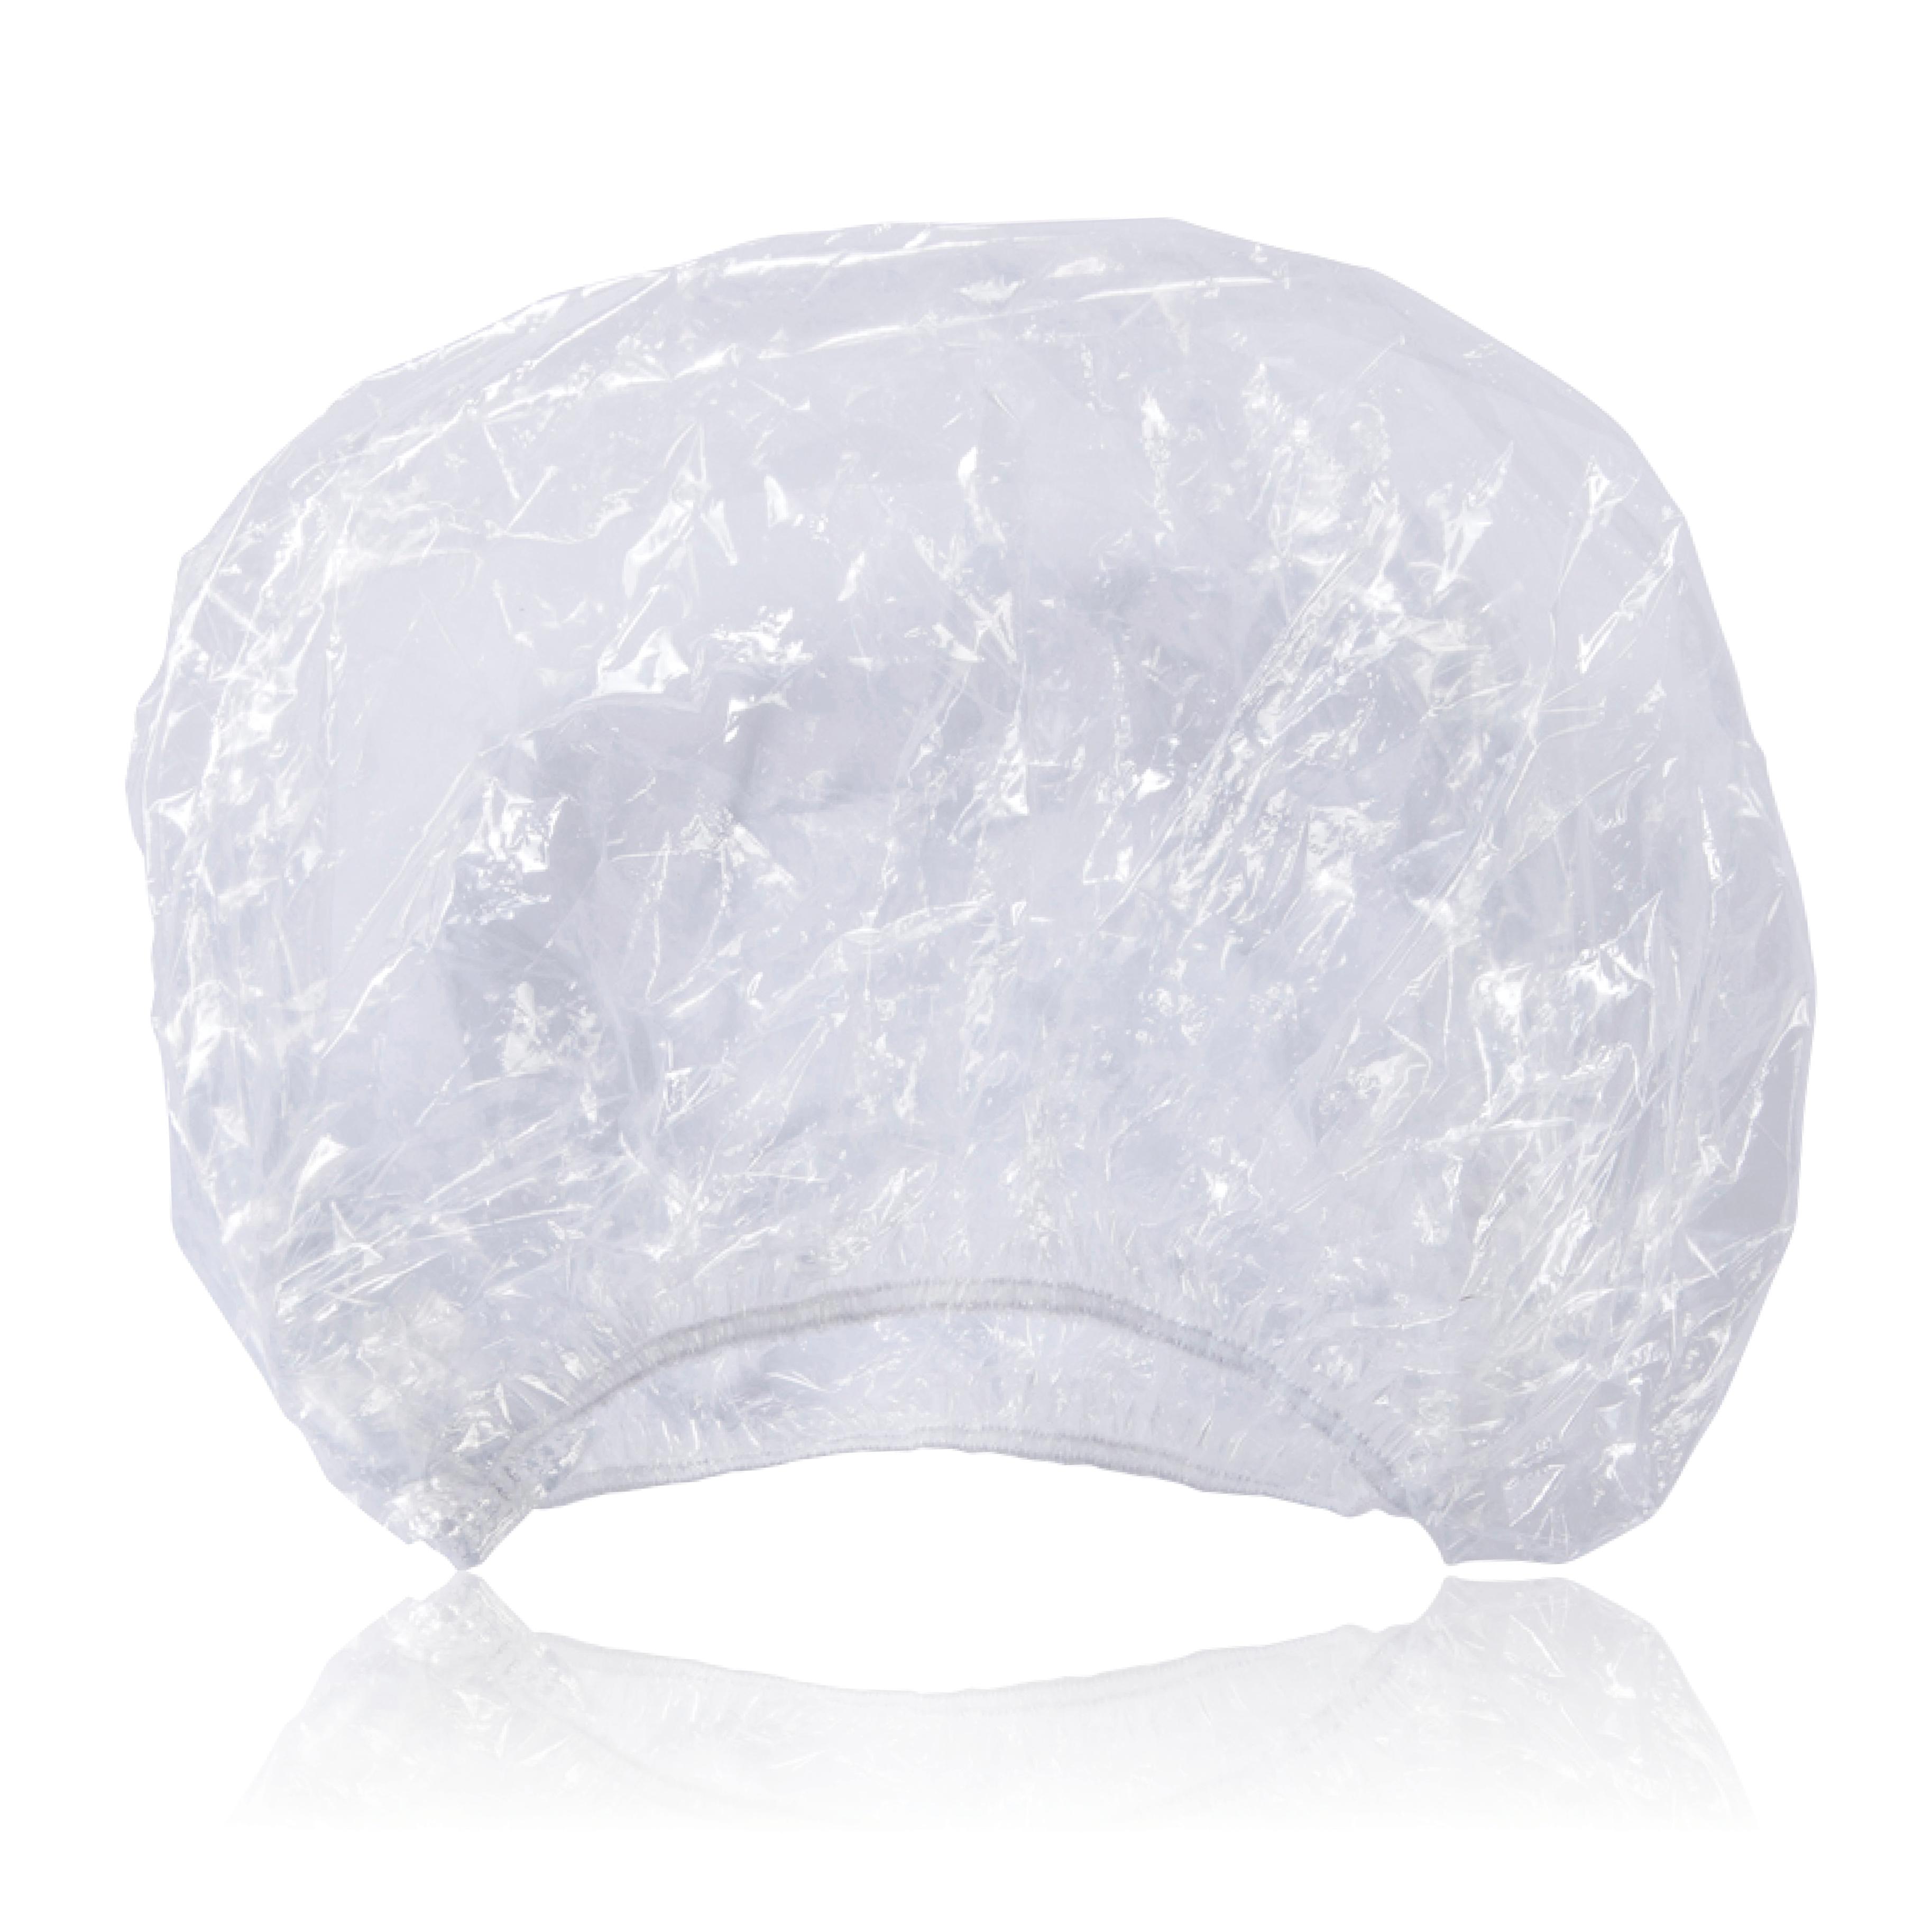 INTERMARKET SHOWER CAP